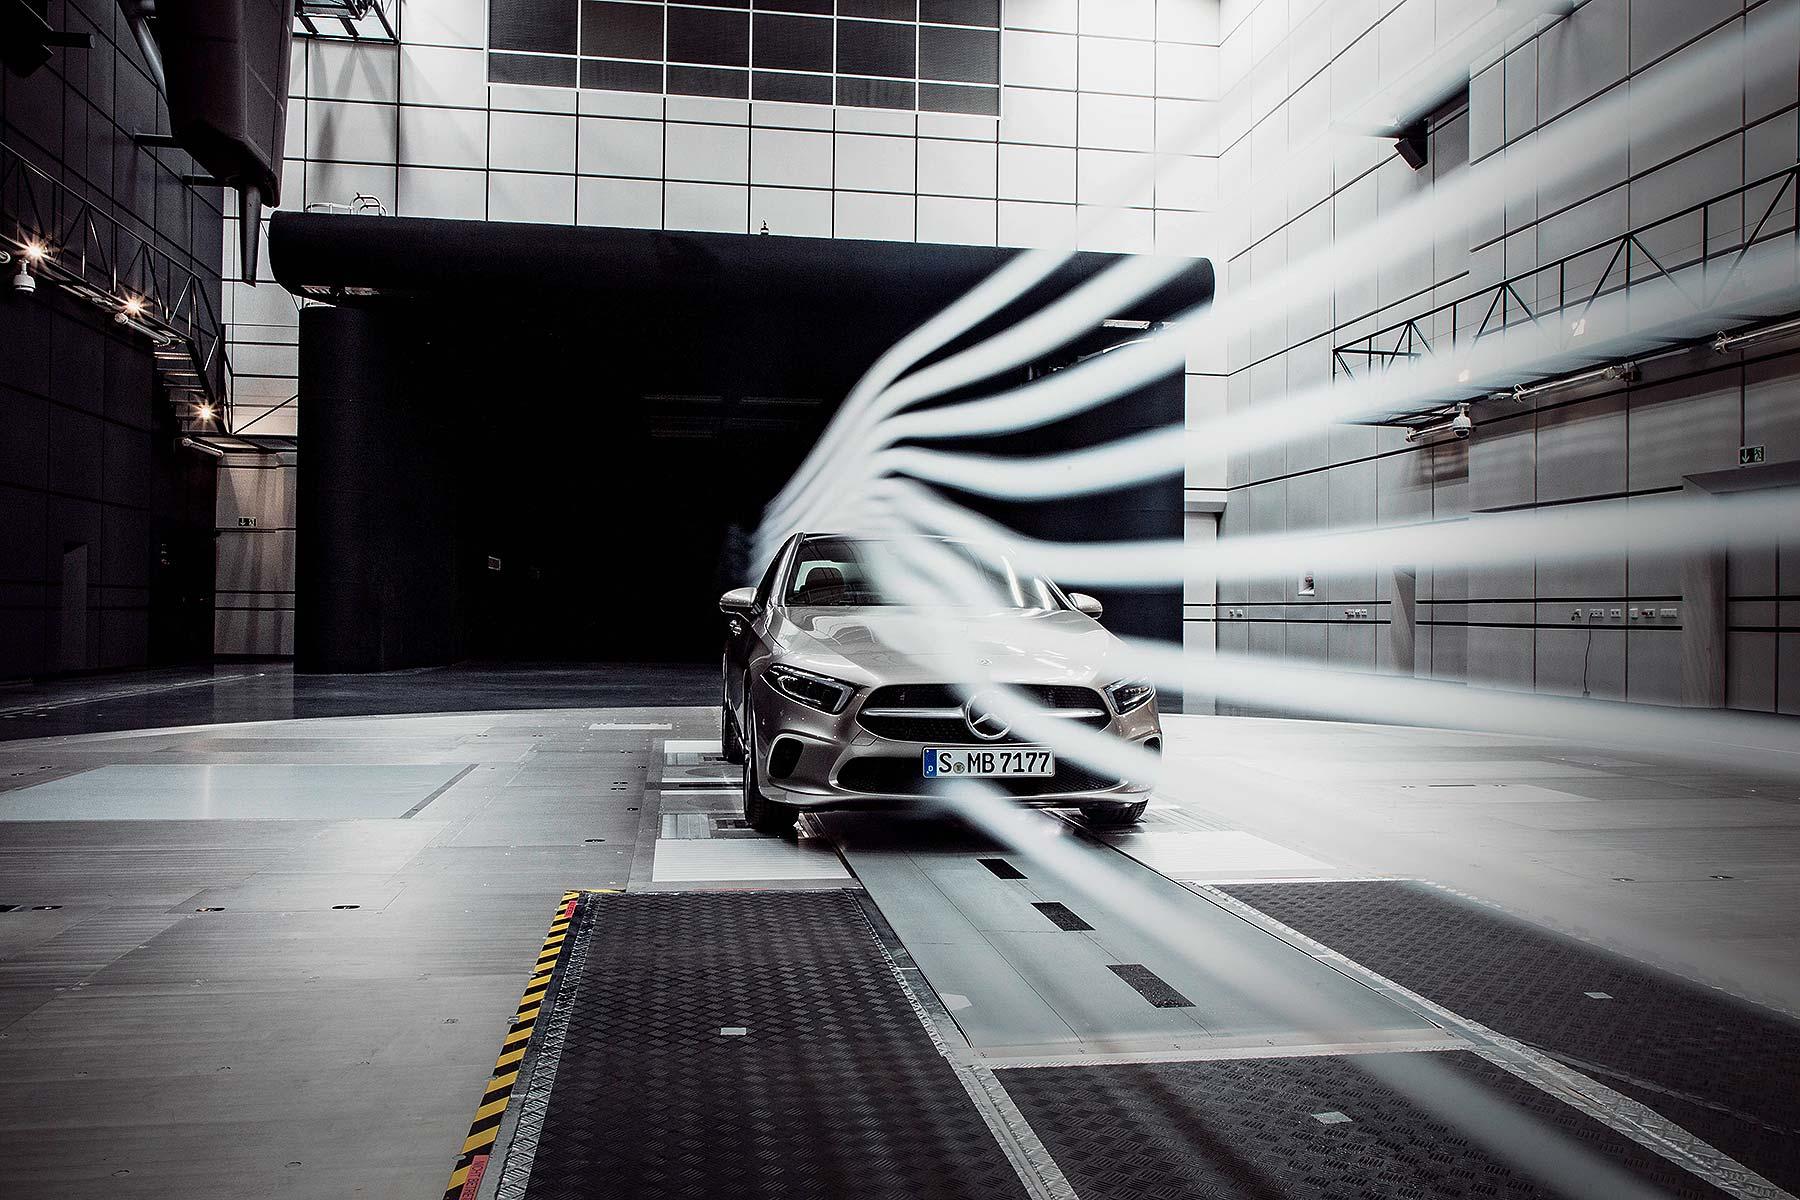 2018 Mercedes-Benz A-Class Saloon aero world record